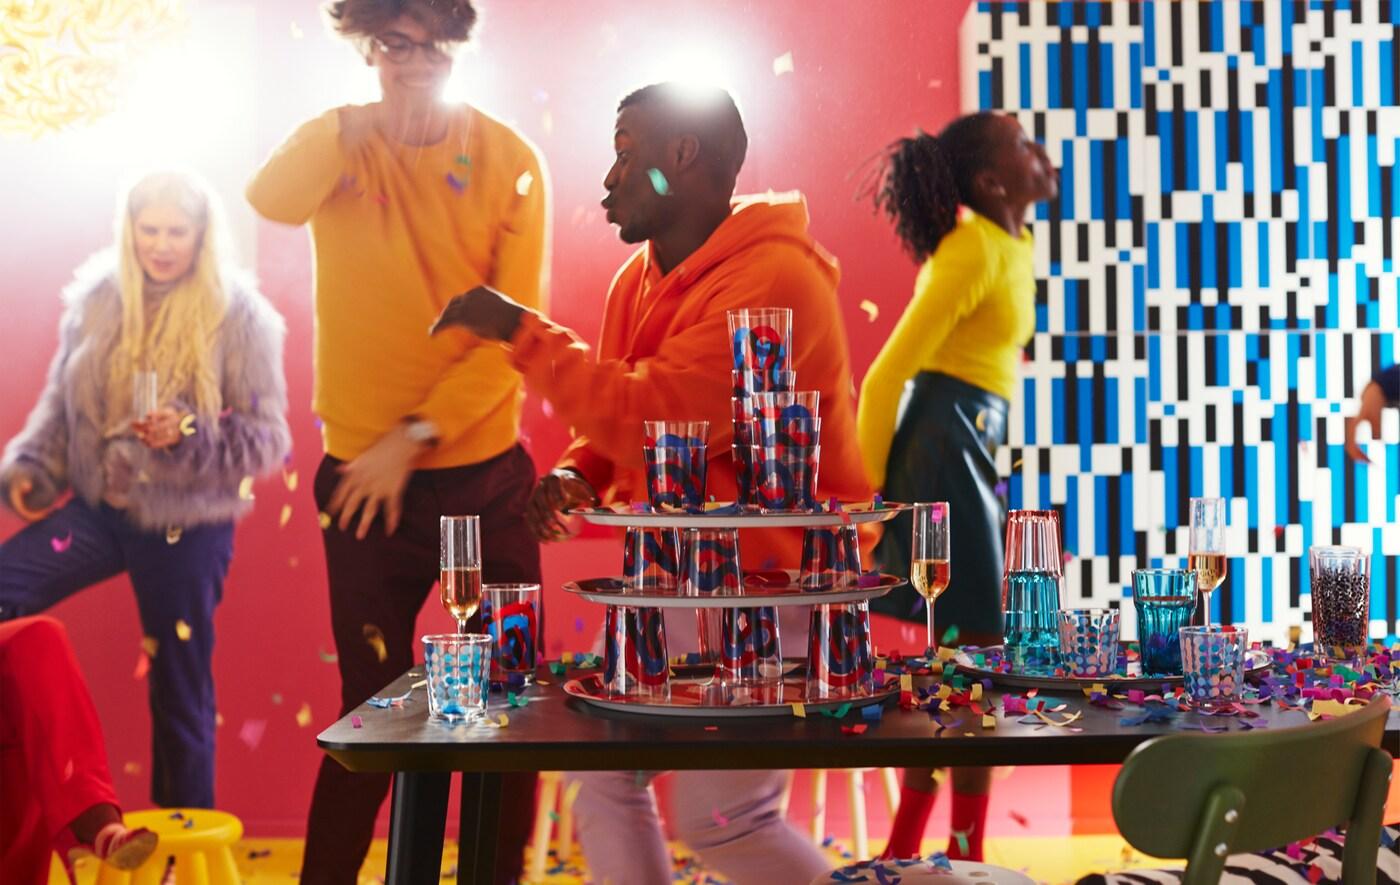 Un party multicolore con i bicchieri FRAMKALLA, decorati da curve rosse e blu, e altri bicchieri colorati - IKEA